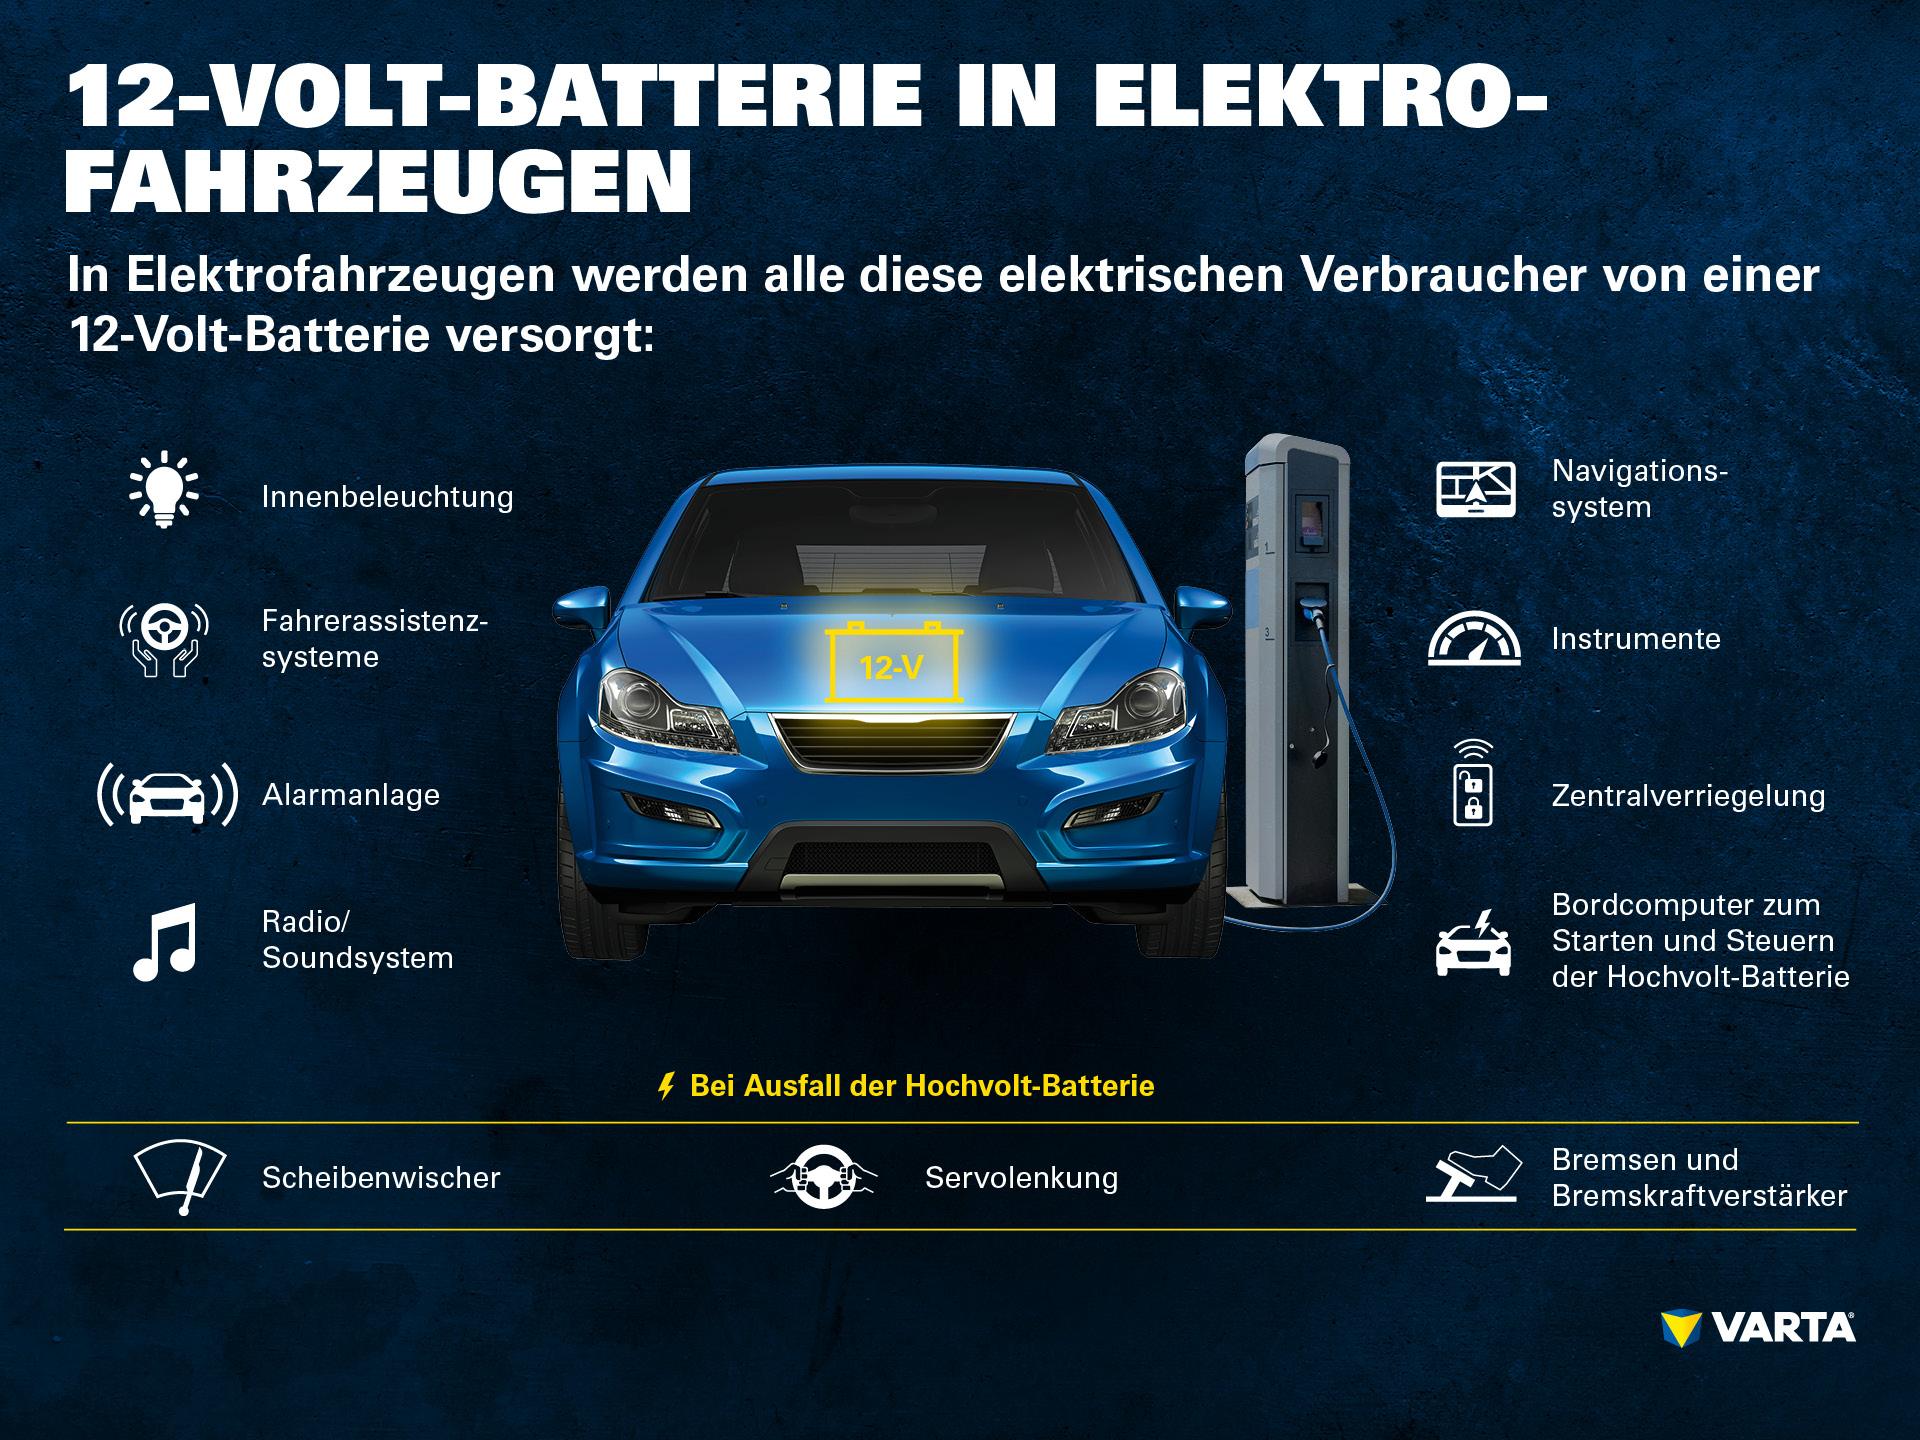 12-Volt-Batterie